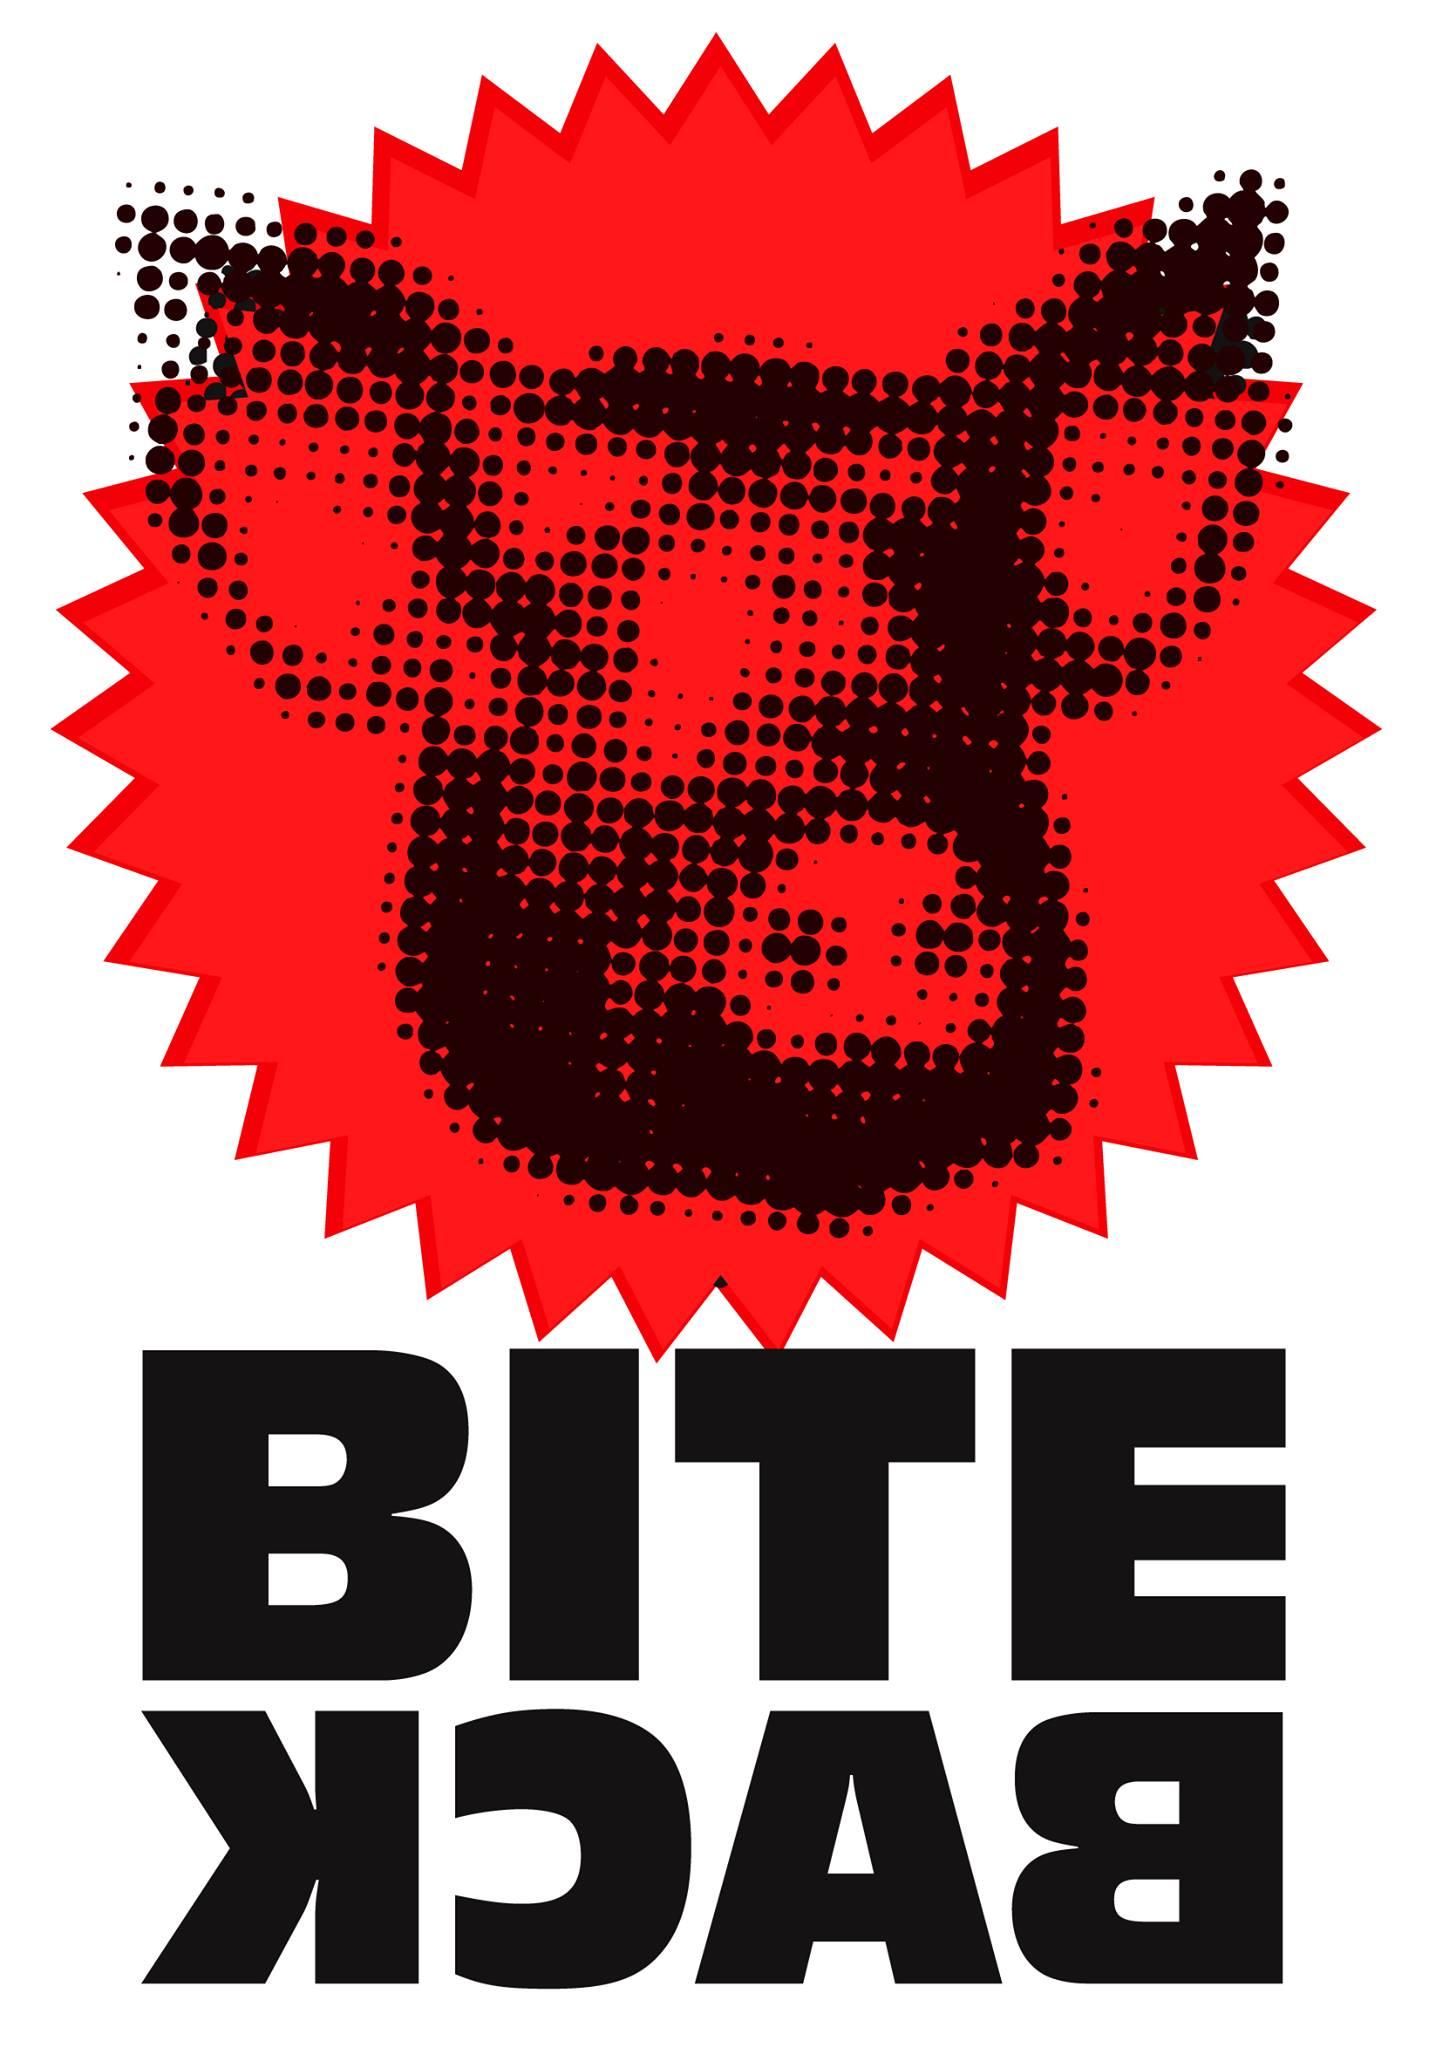 Bite Back - dierenrechtenorganisatie